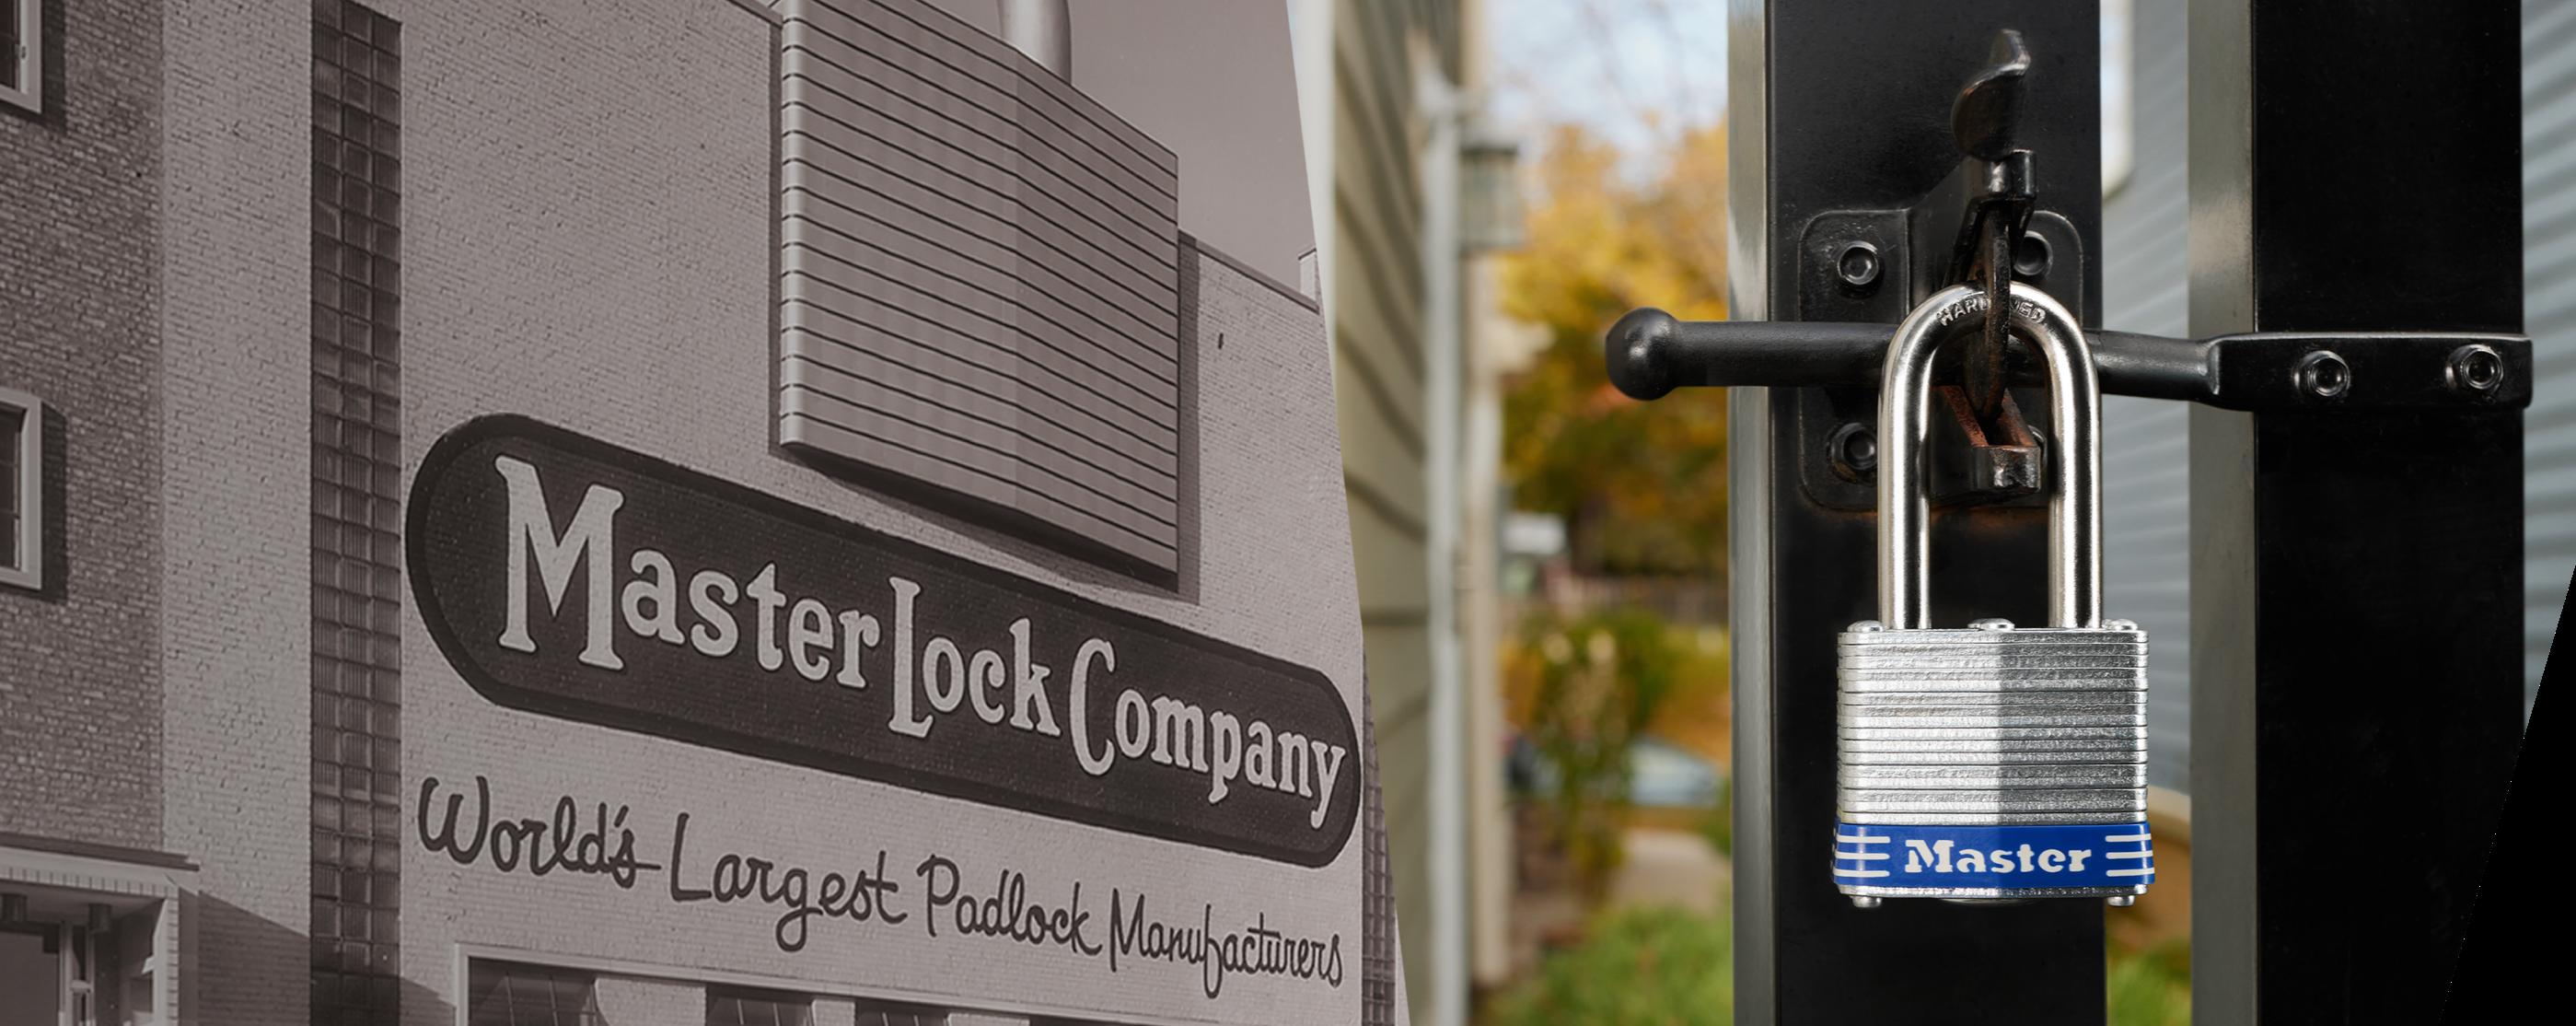 Edificio histórico de Master Lock con candado laminado en cerca